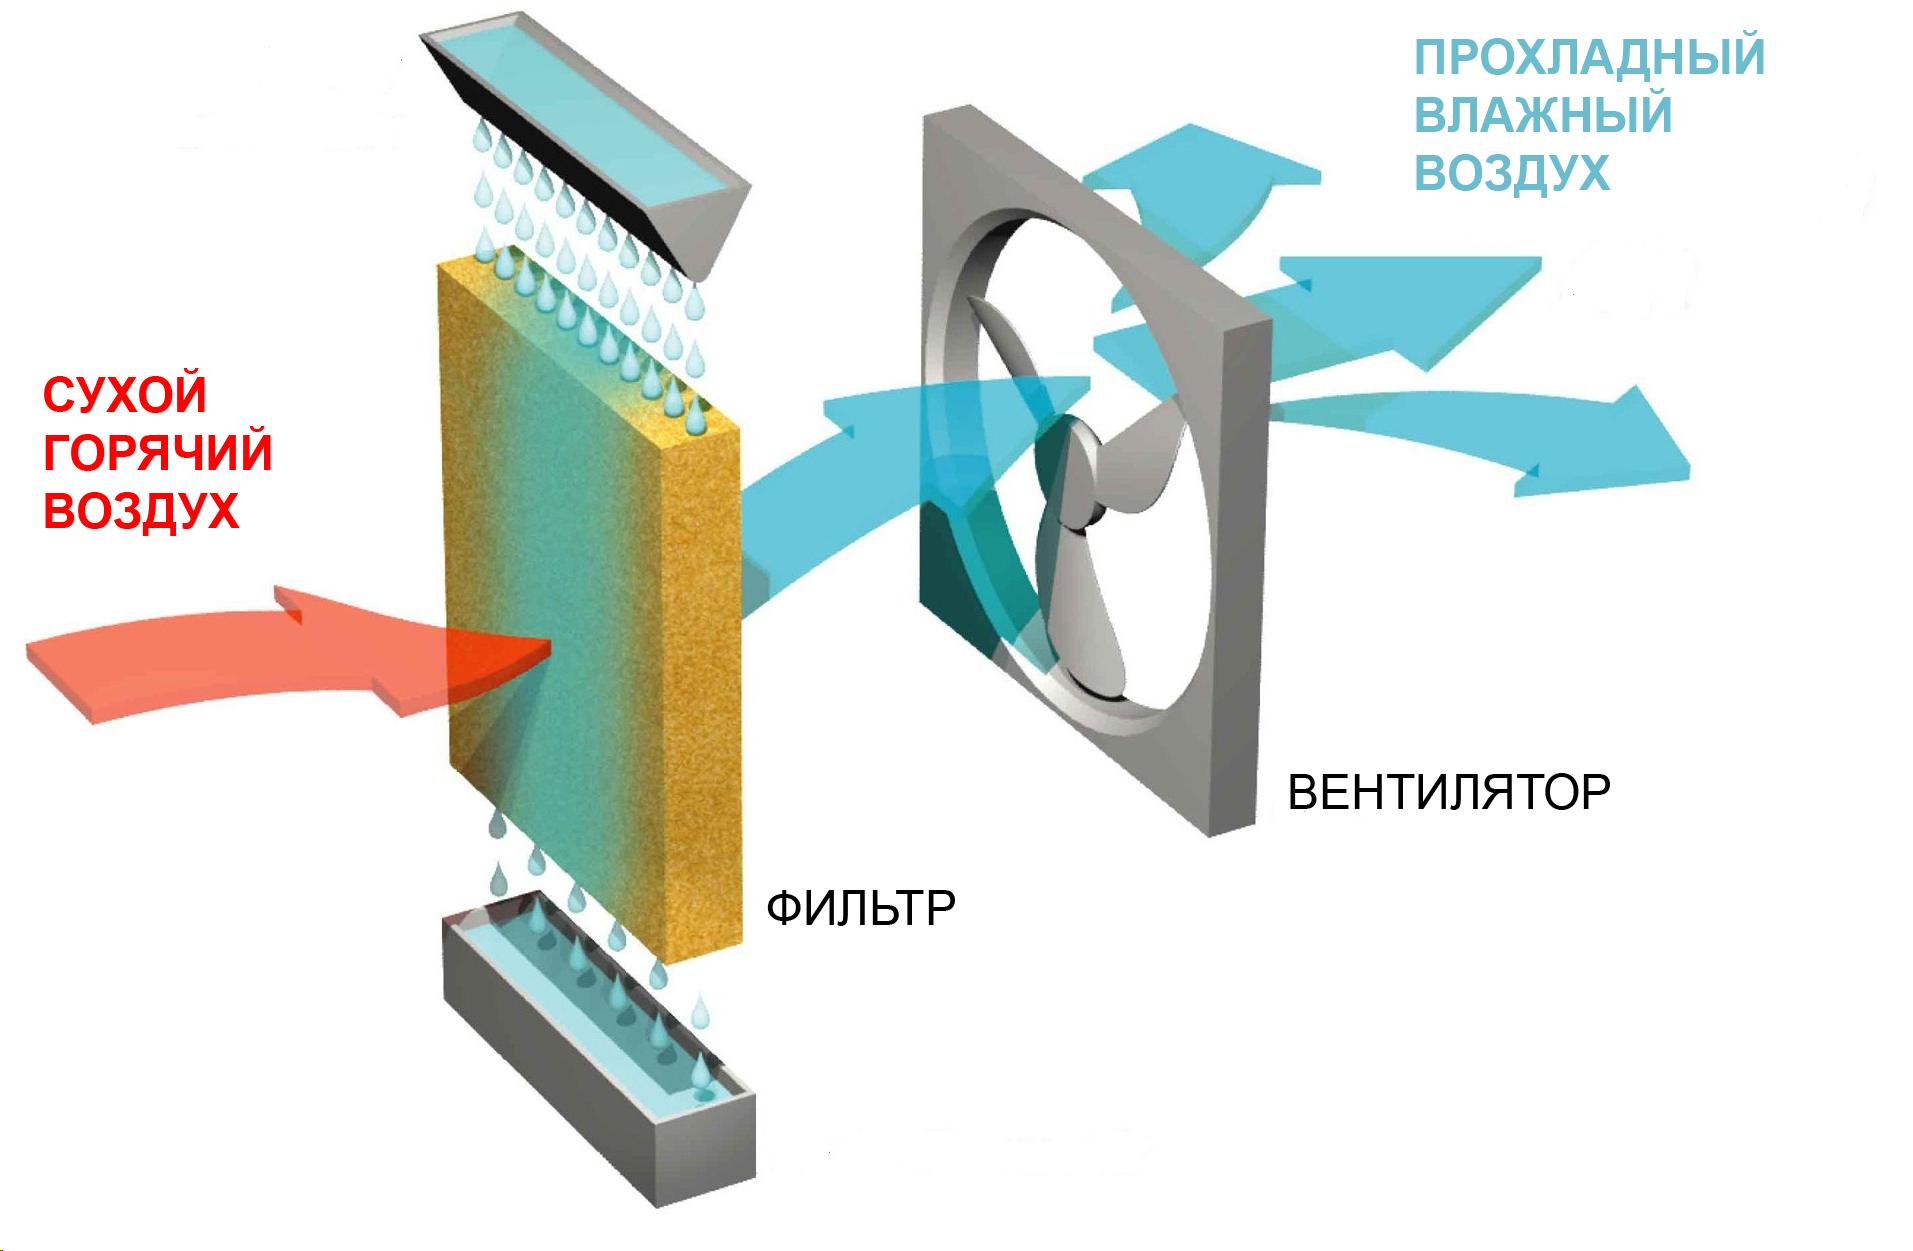 принцип работы воздухоохладителя